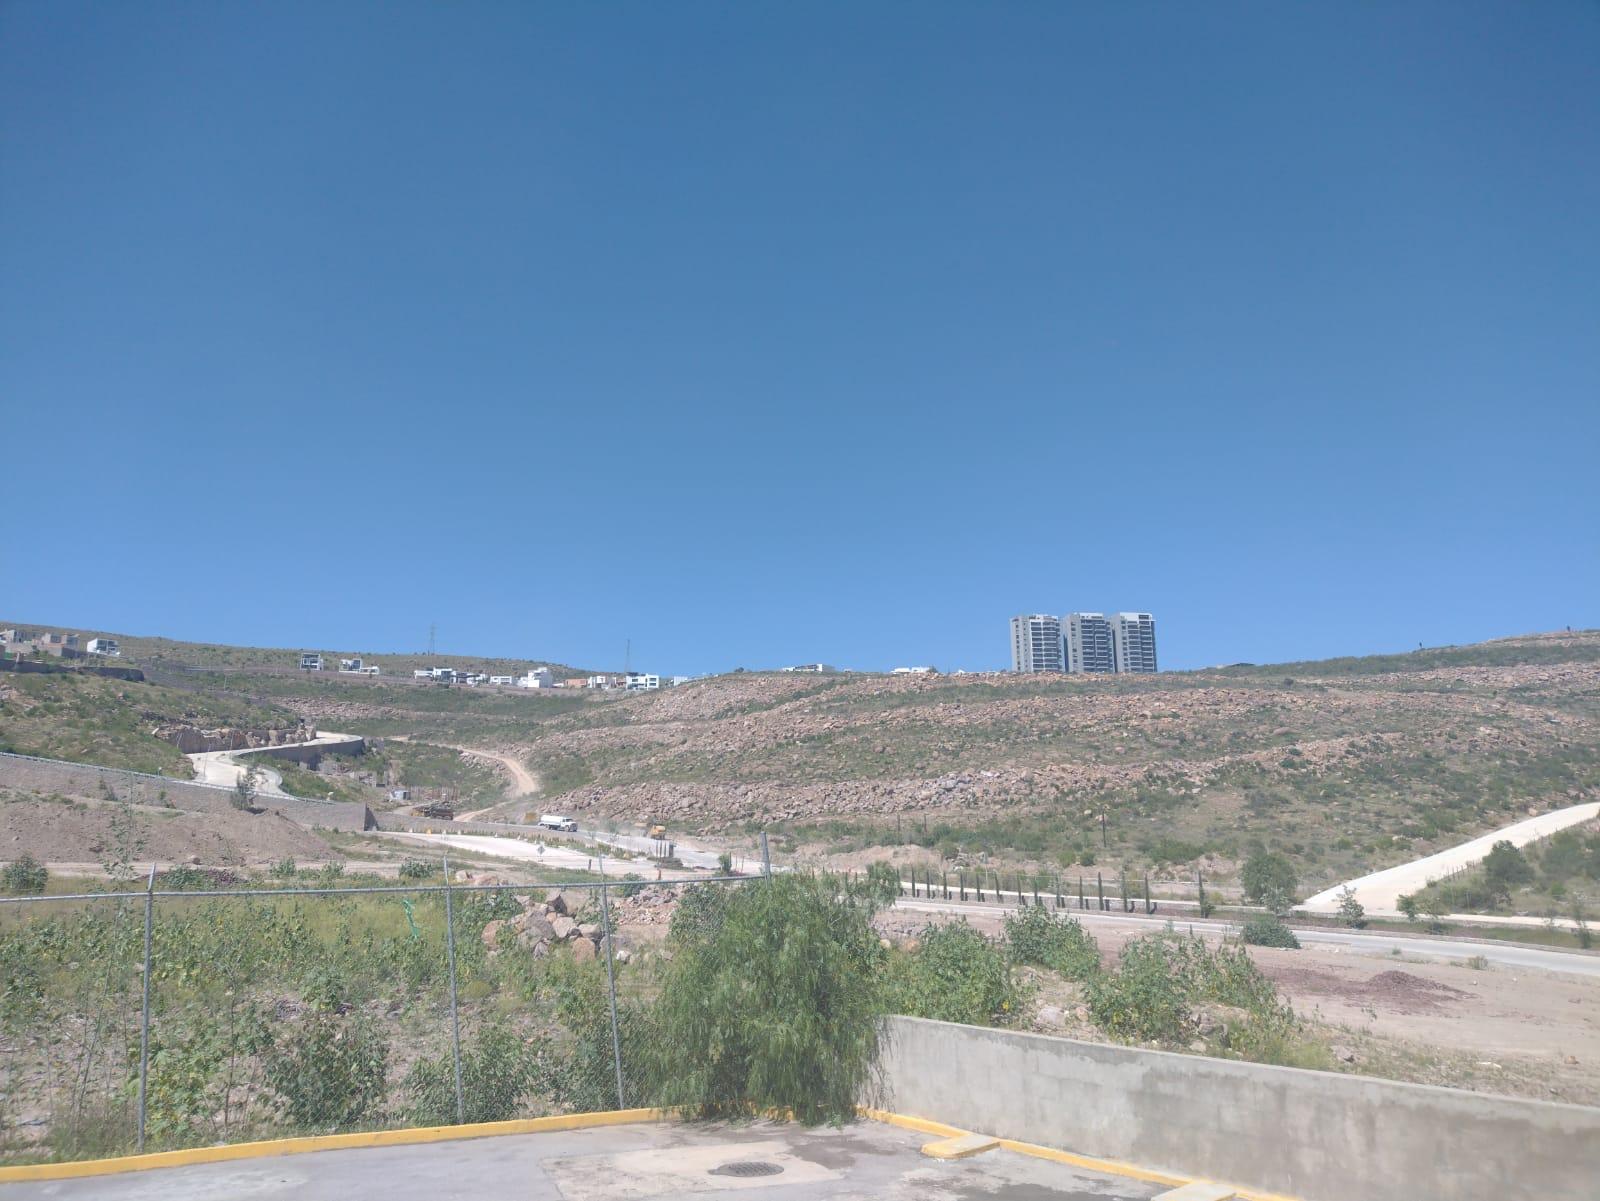 Puede haber equilibrio entre naturaleza y desarrollos inmobiliarios en la Sierra de San Miguelito